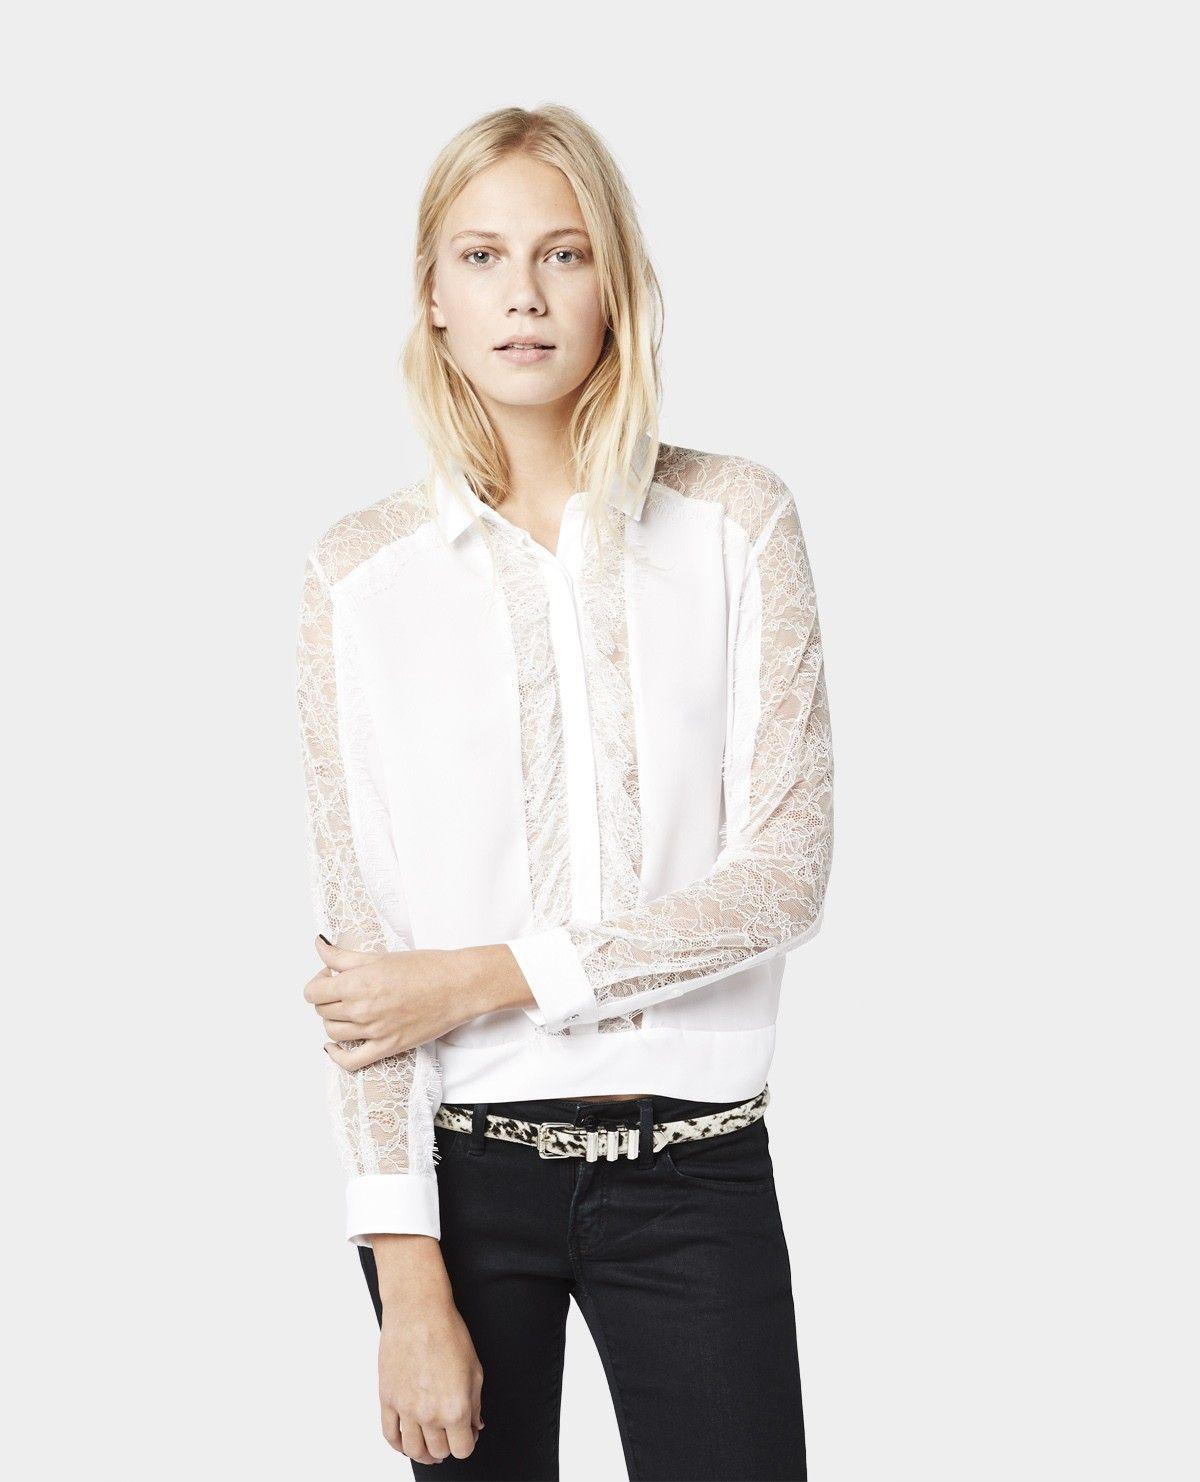 Chemise à volant et manches en dentelle - Chemises - Femme - The Kooples